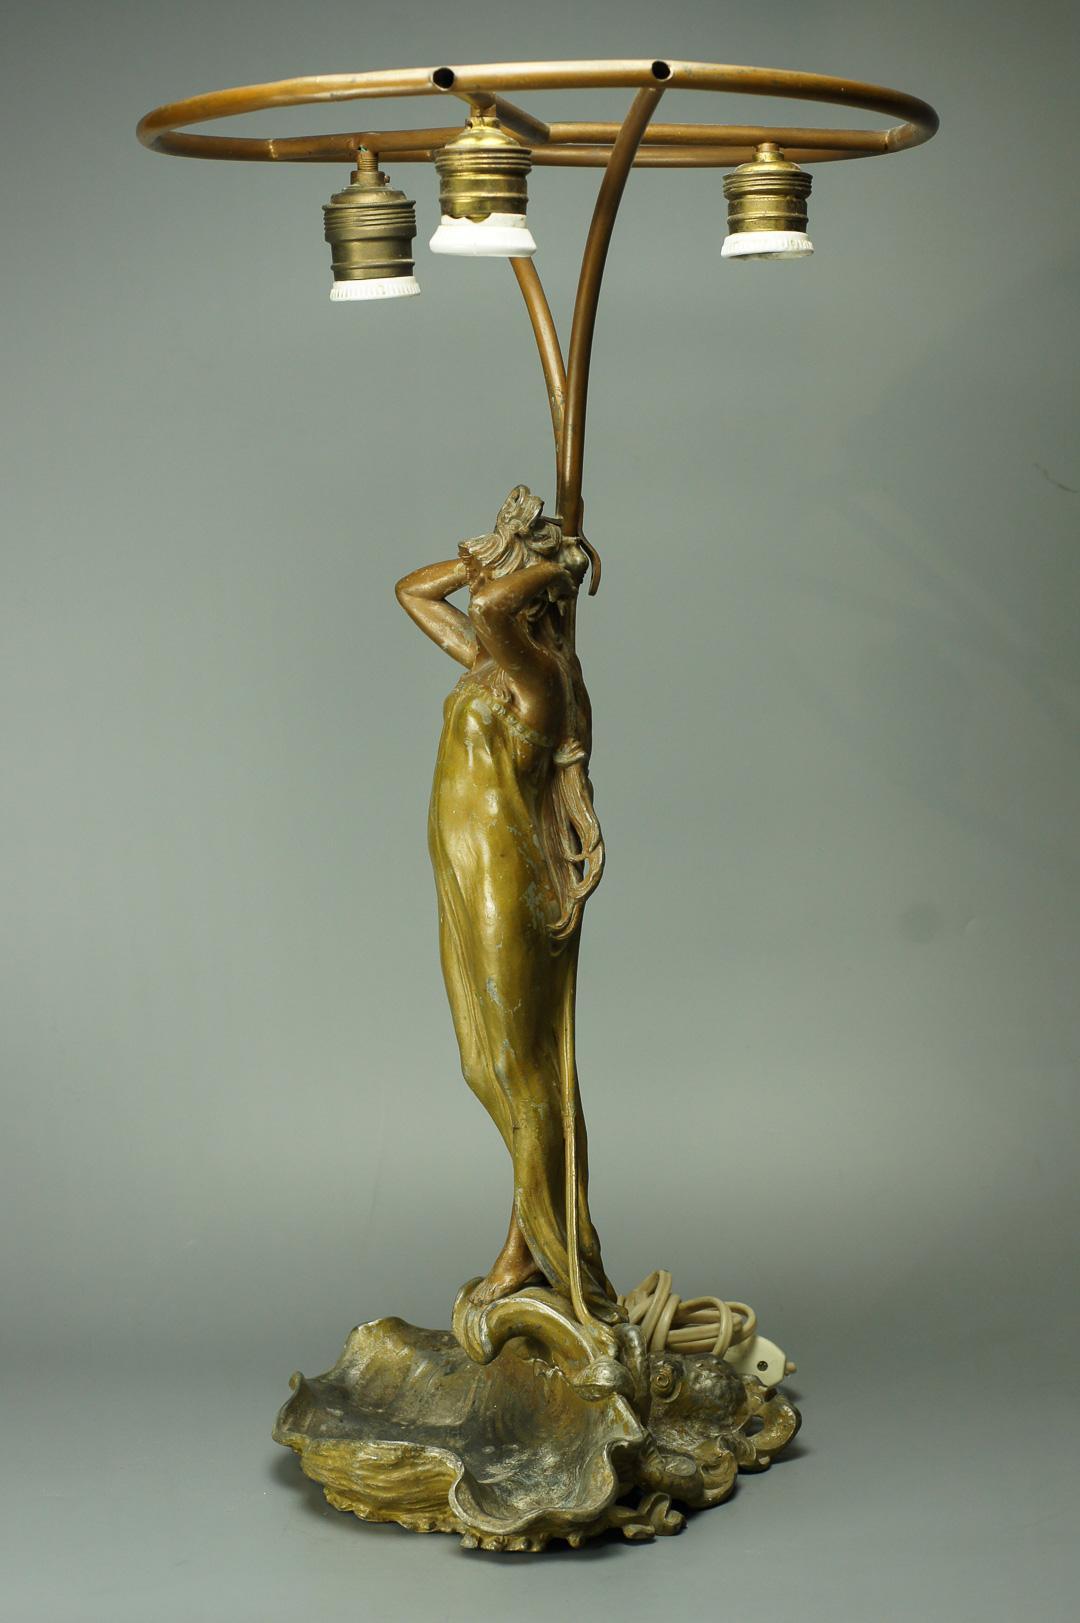 Настольная лампа без плафона ар нуво модерн